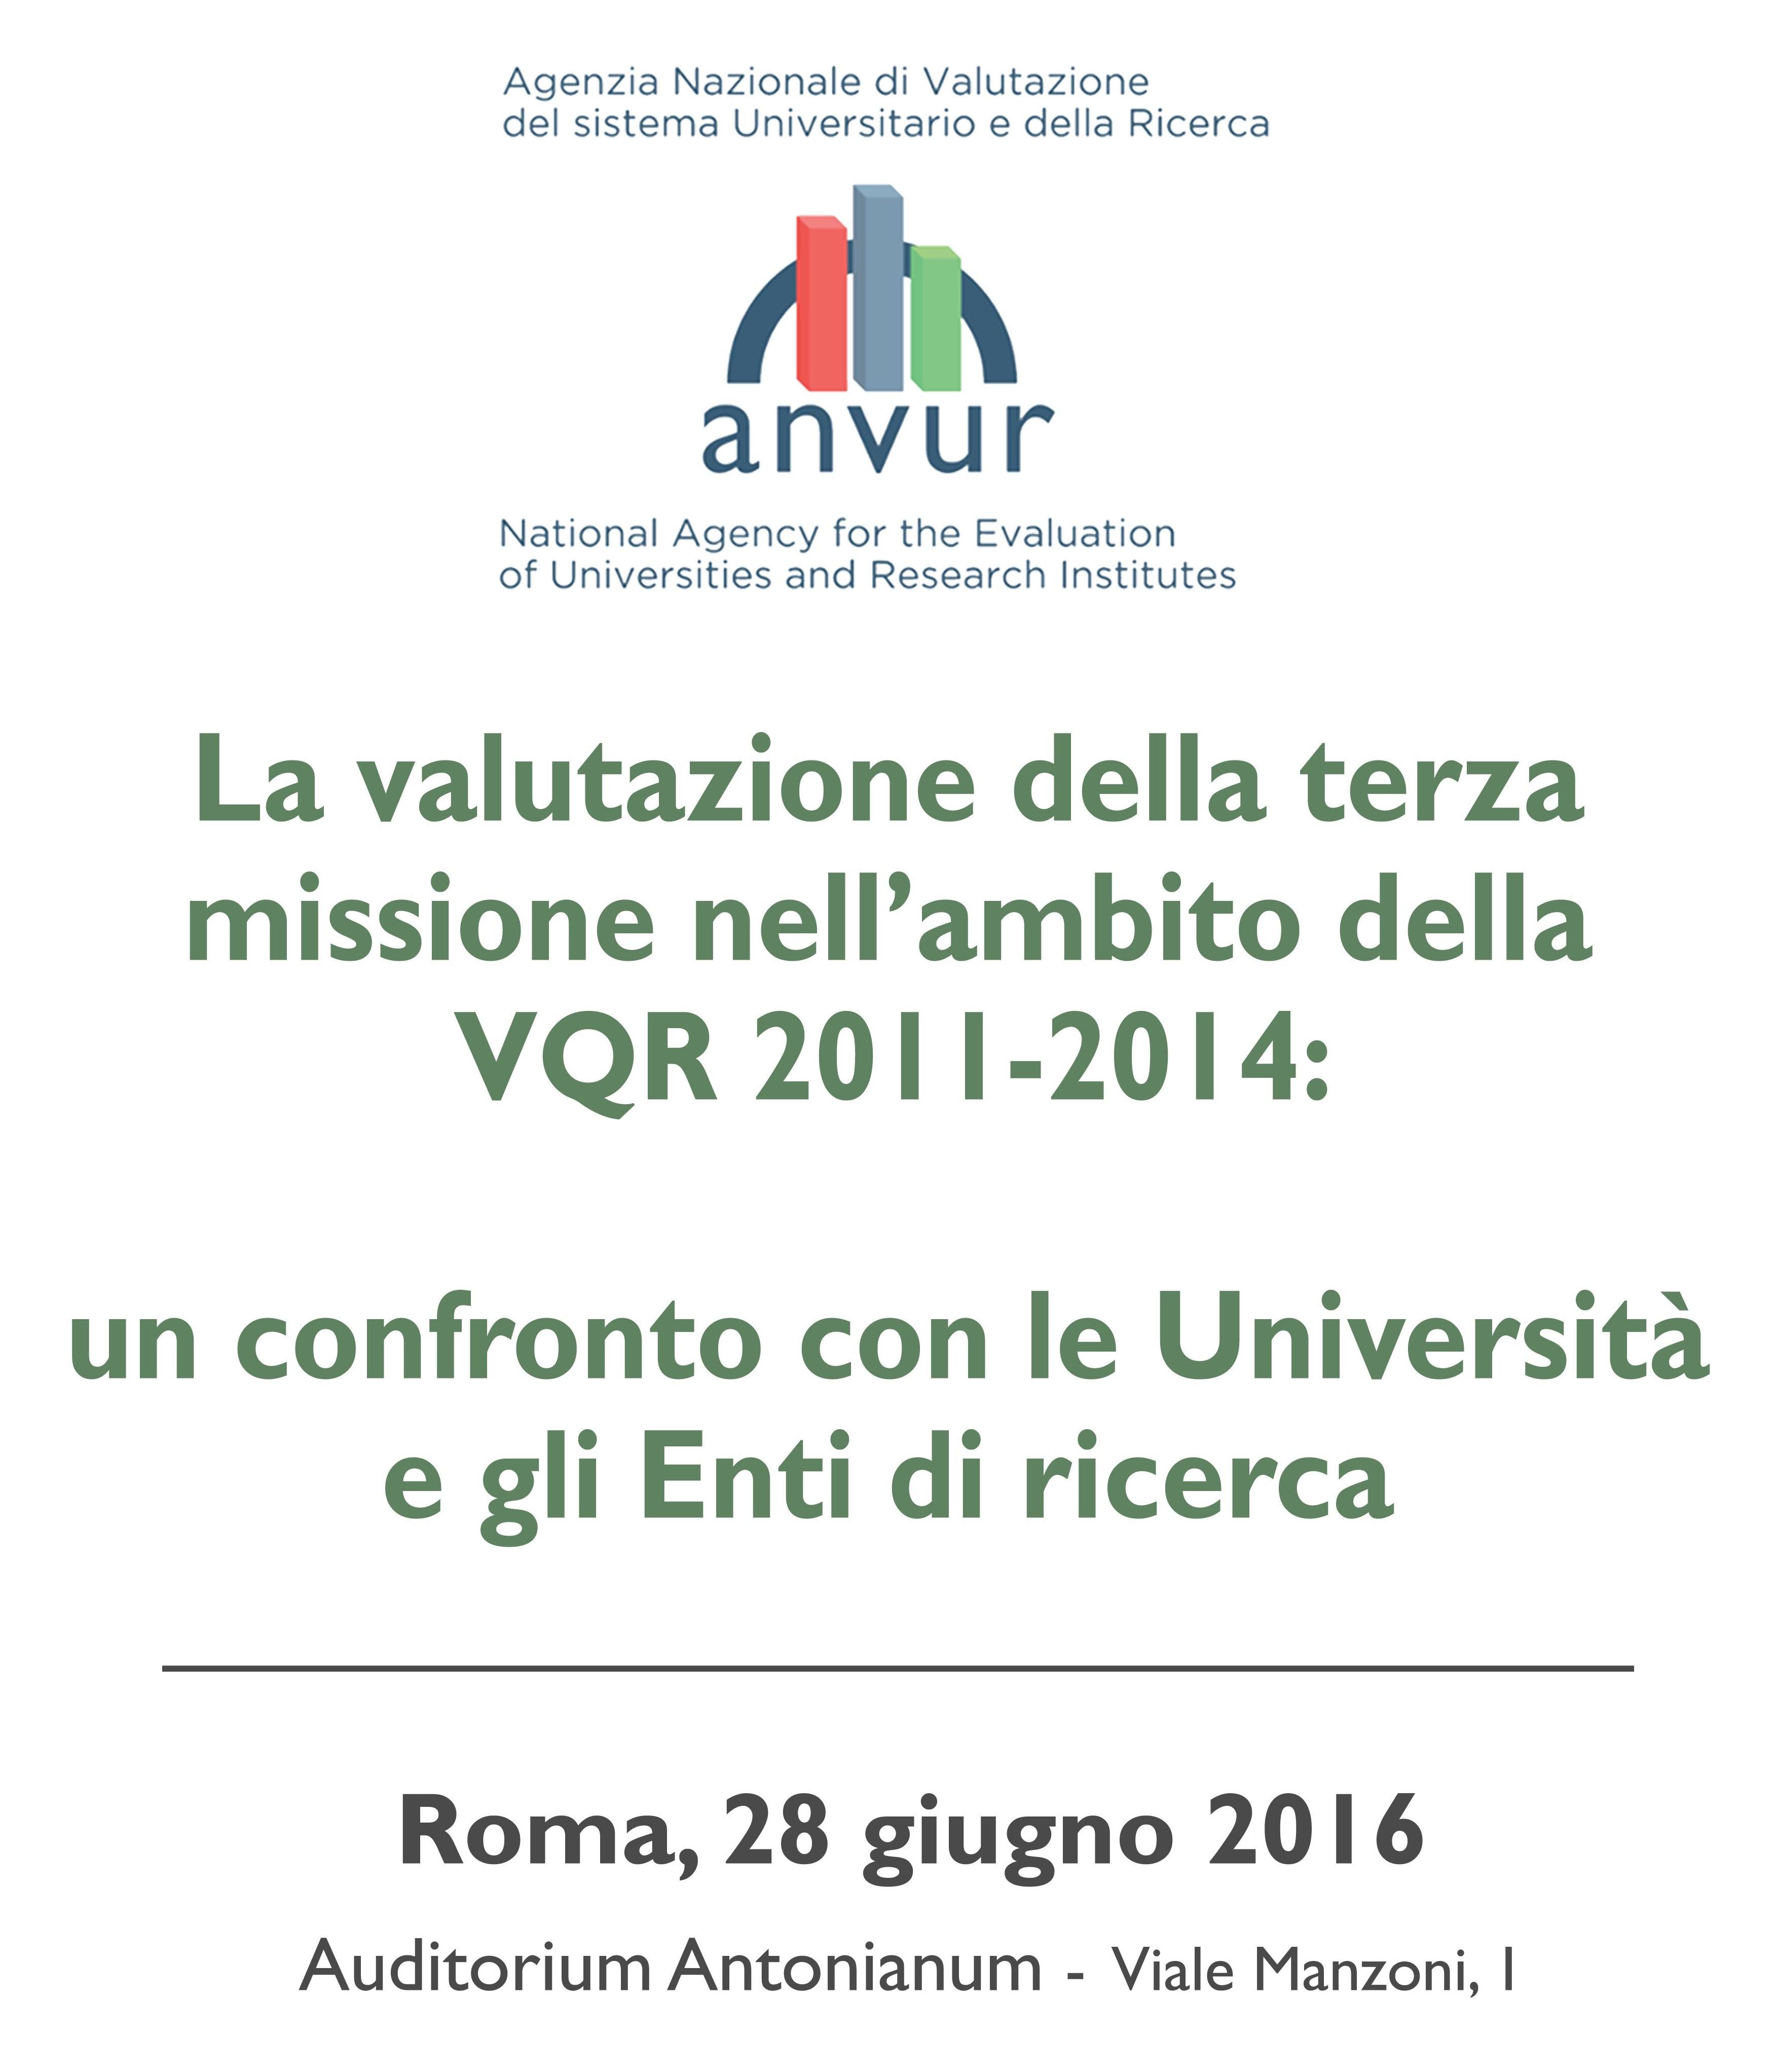 La valutazione della terza missione nell'ambito della VQR 2011-2014